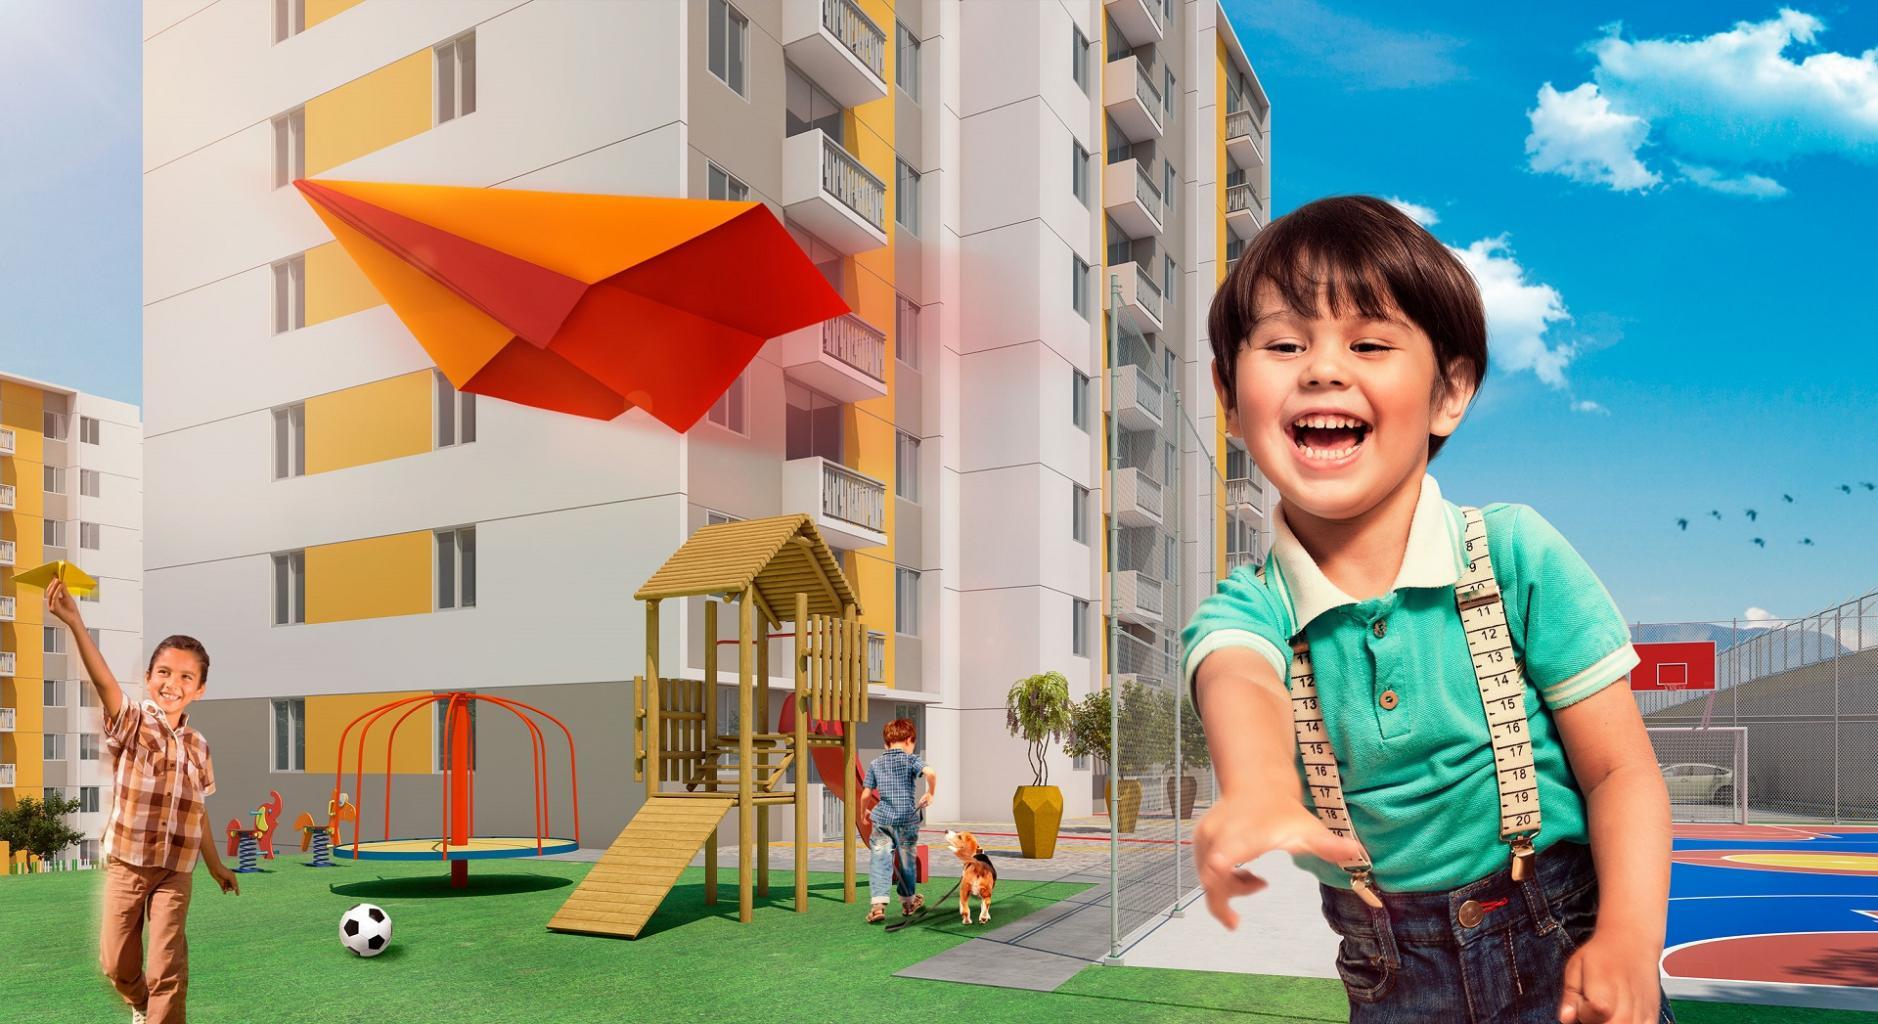 zonas comunes que no encuentras en todos los proyectos de vivienda - Parque Infantil